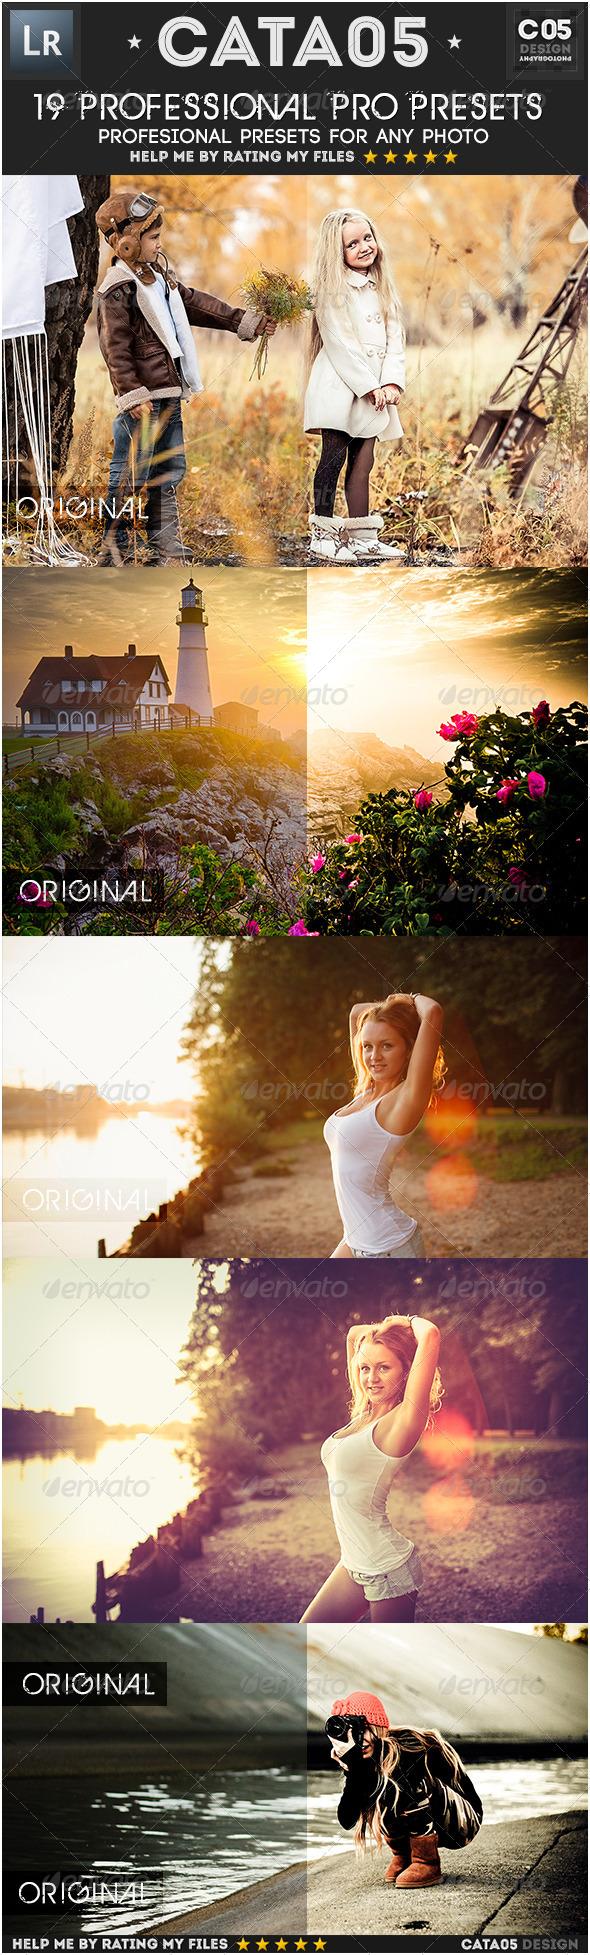 GraphicRiver 19 Professional Pro Presets 7225294